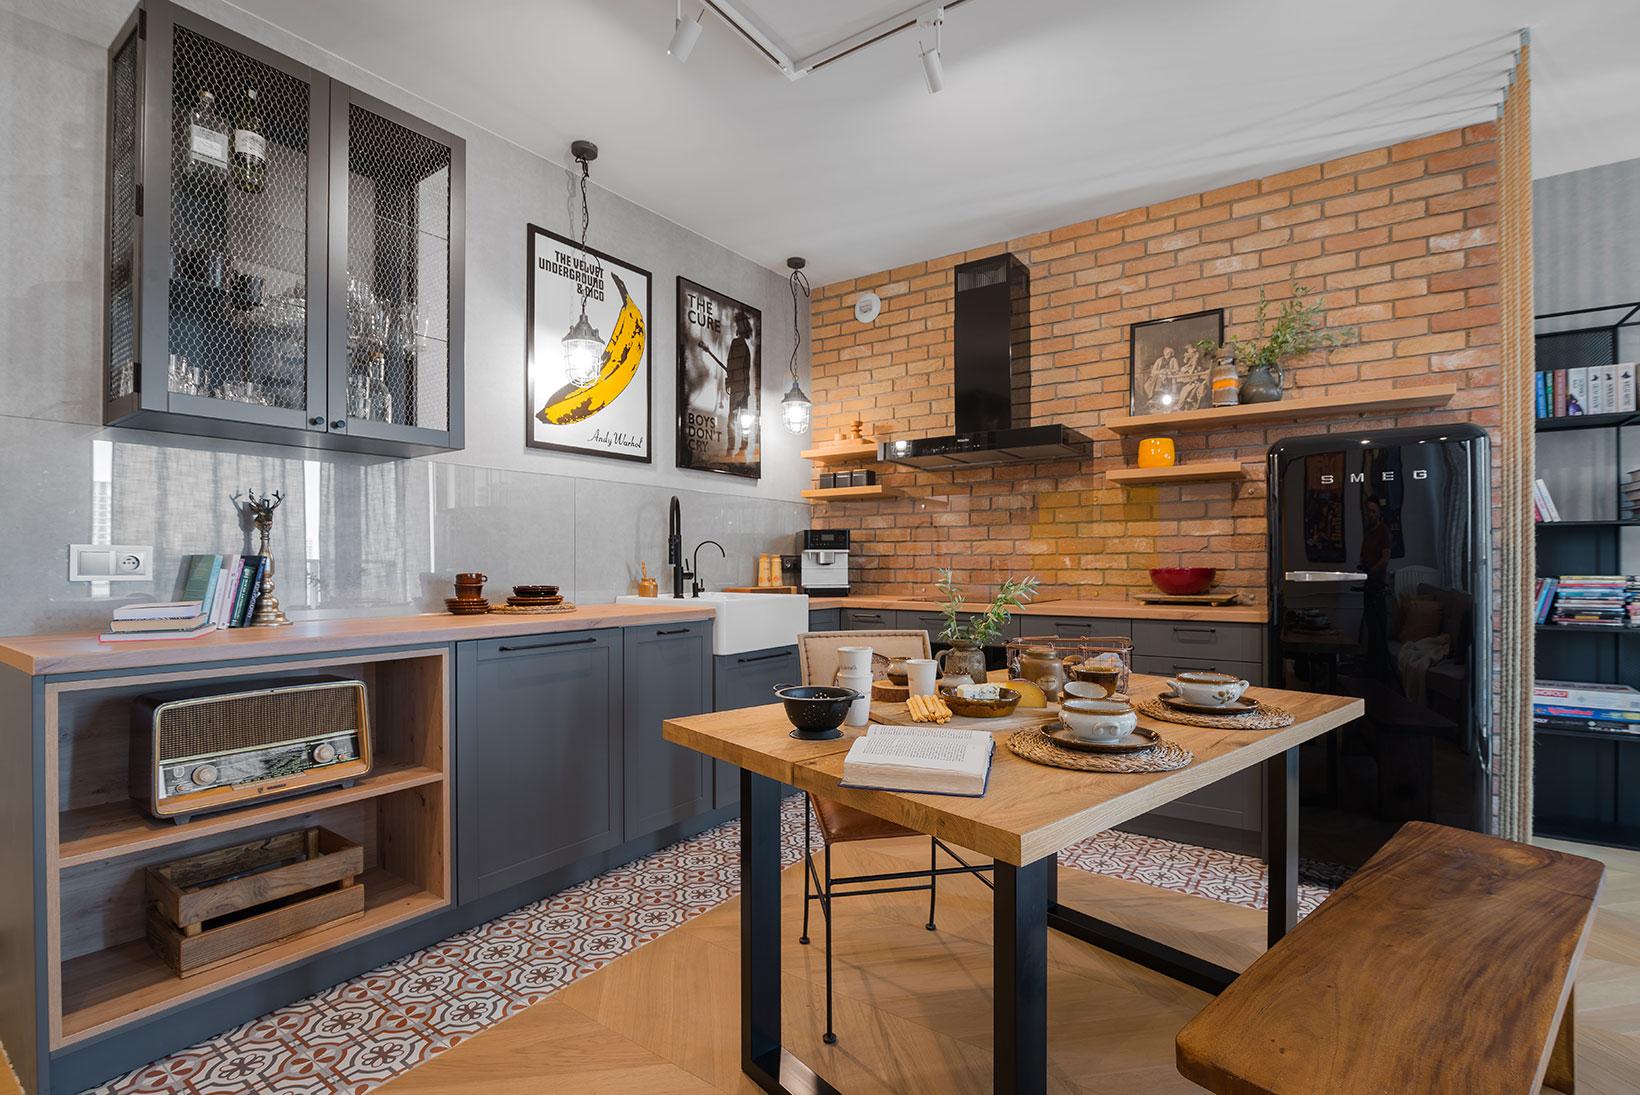 Salon z aneksem kuchennym i częścią jadalnianą